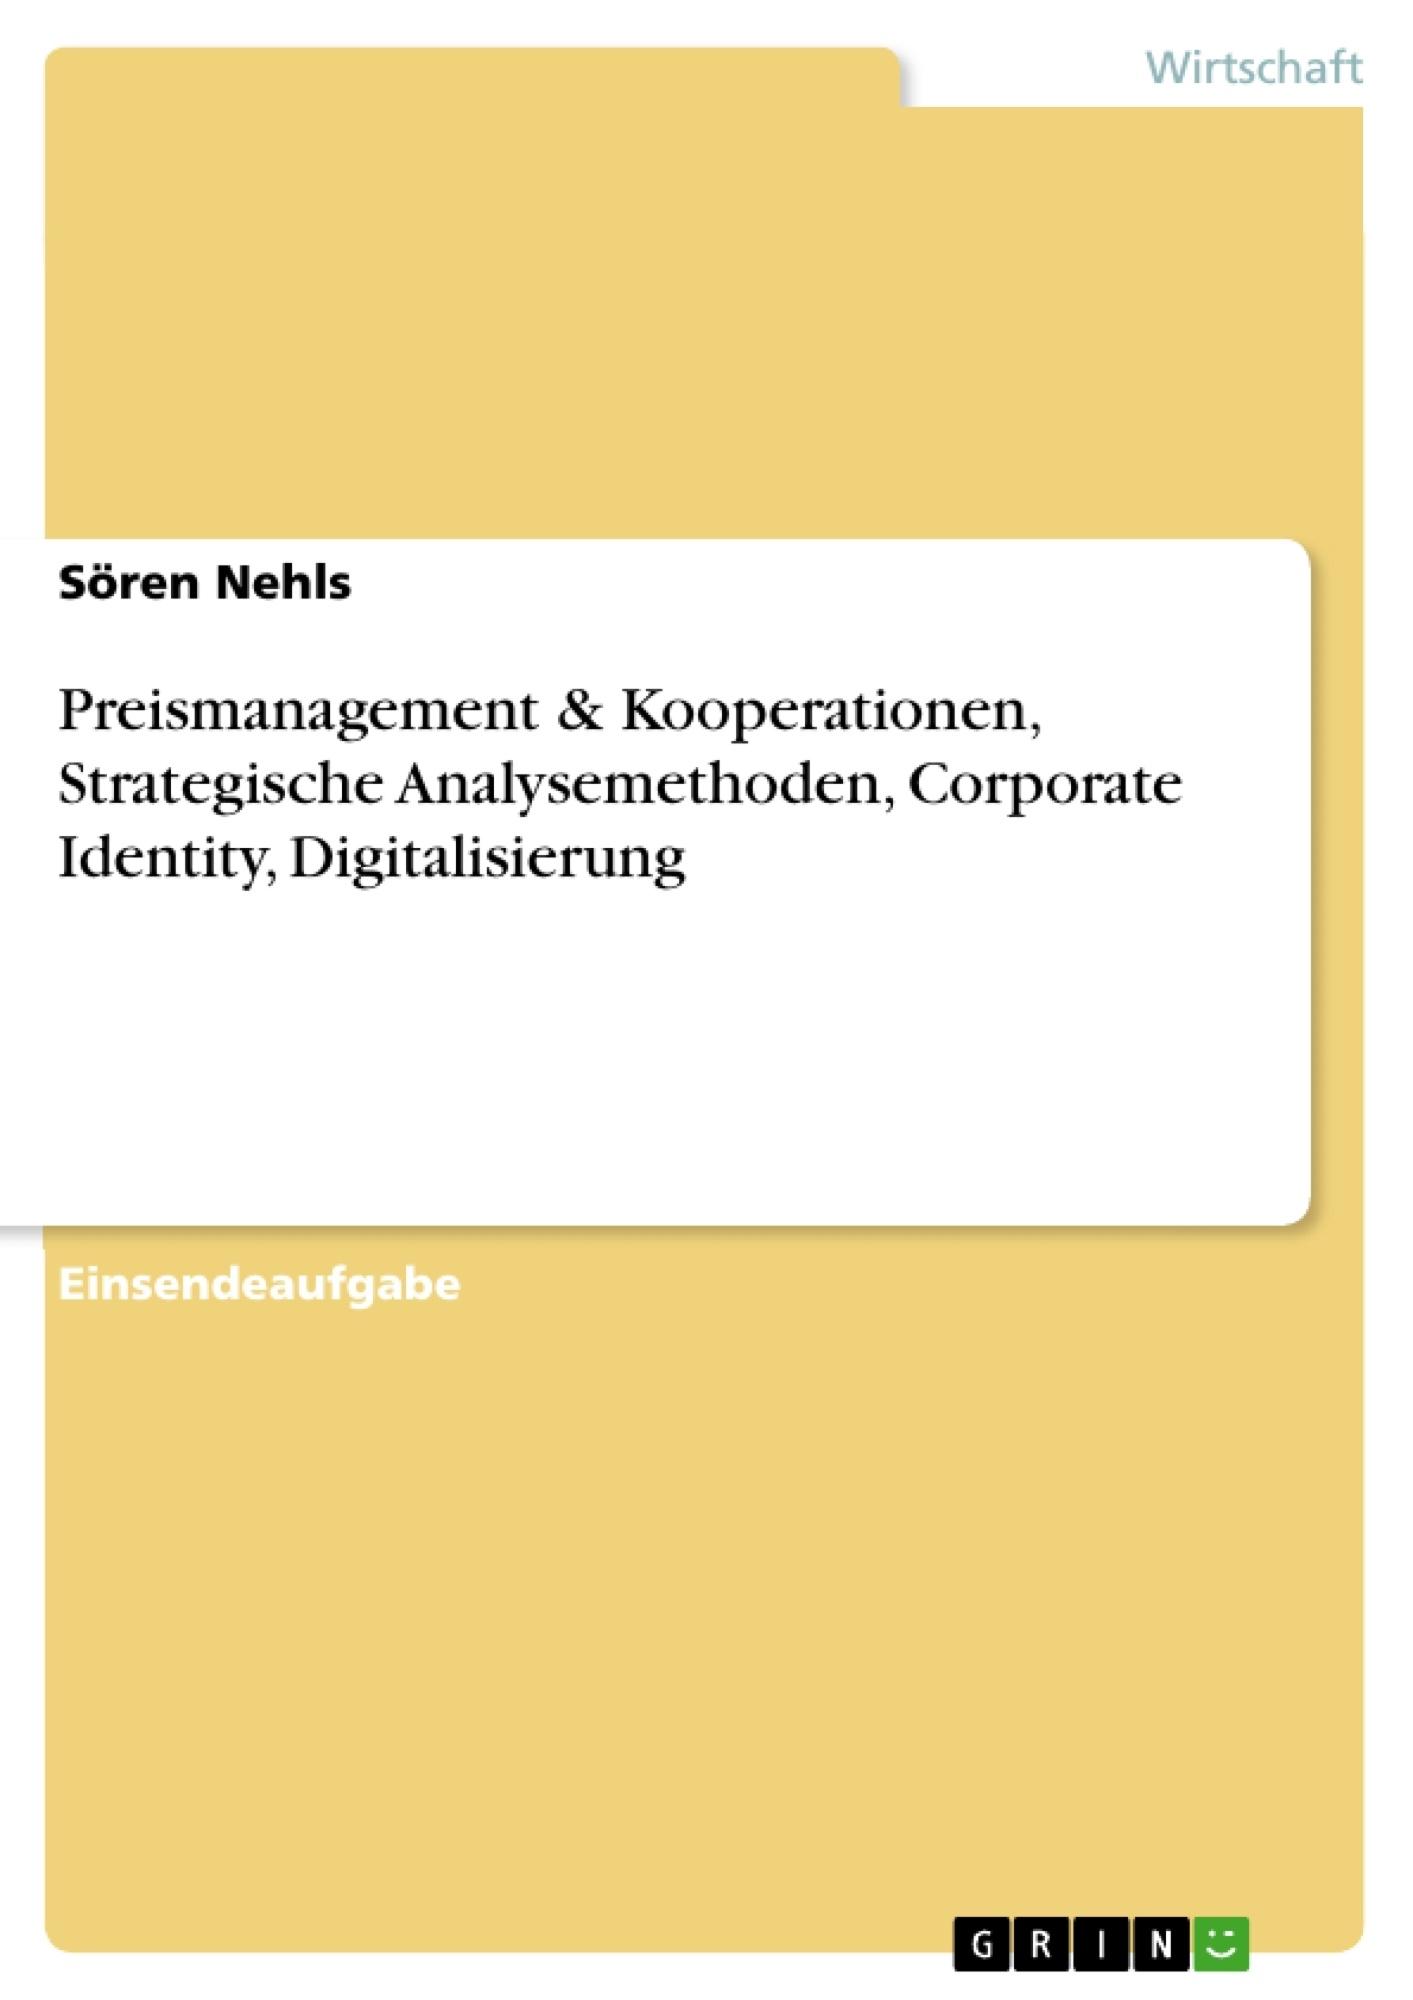 Titel: Preismanagement & Kooperationen, Strategische Analysemethoden, Corporate Identity, Digitalisierung